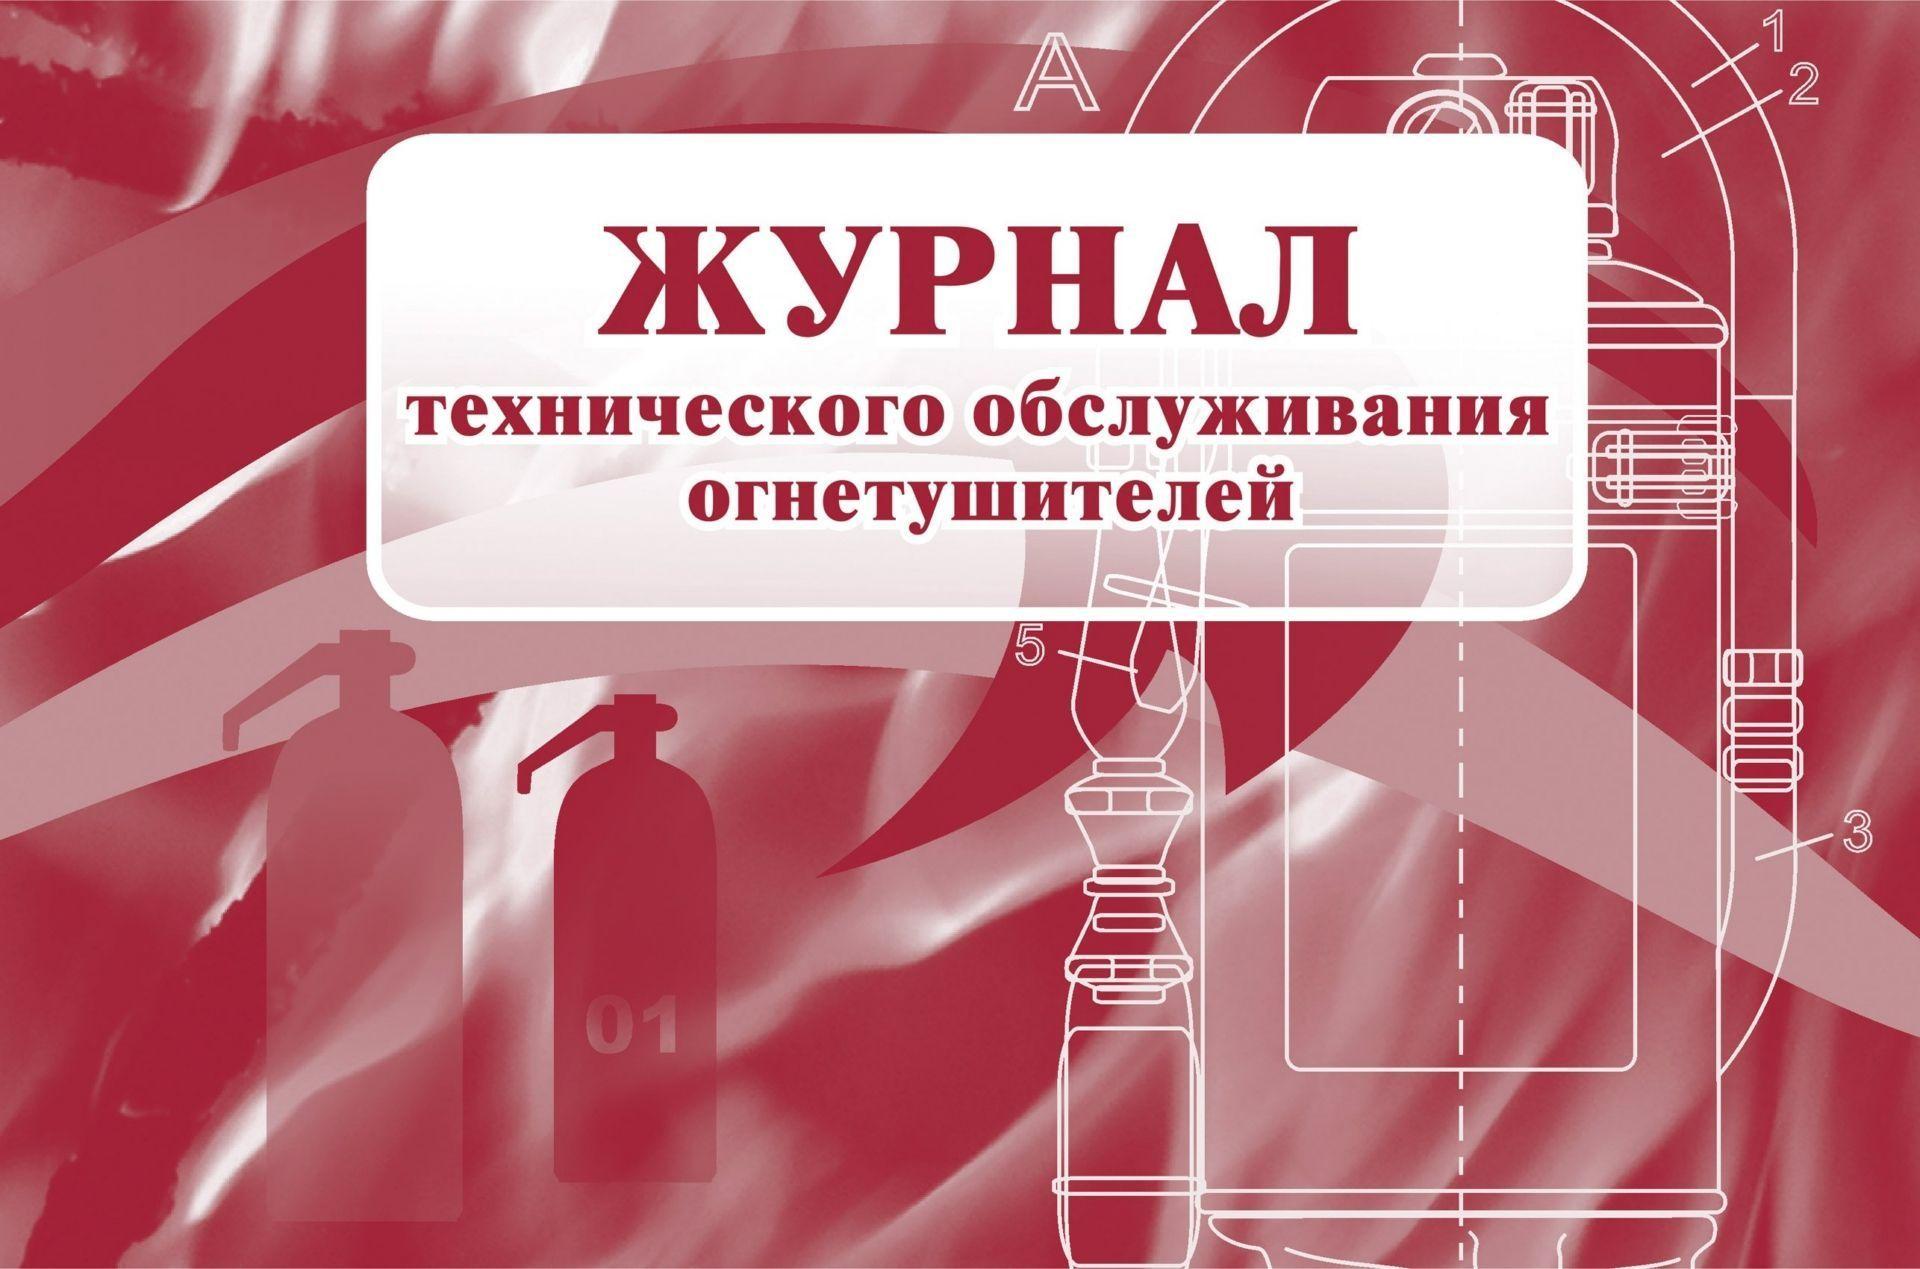 Журнал технического обслуживания огнетушителей